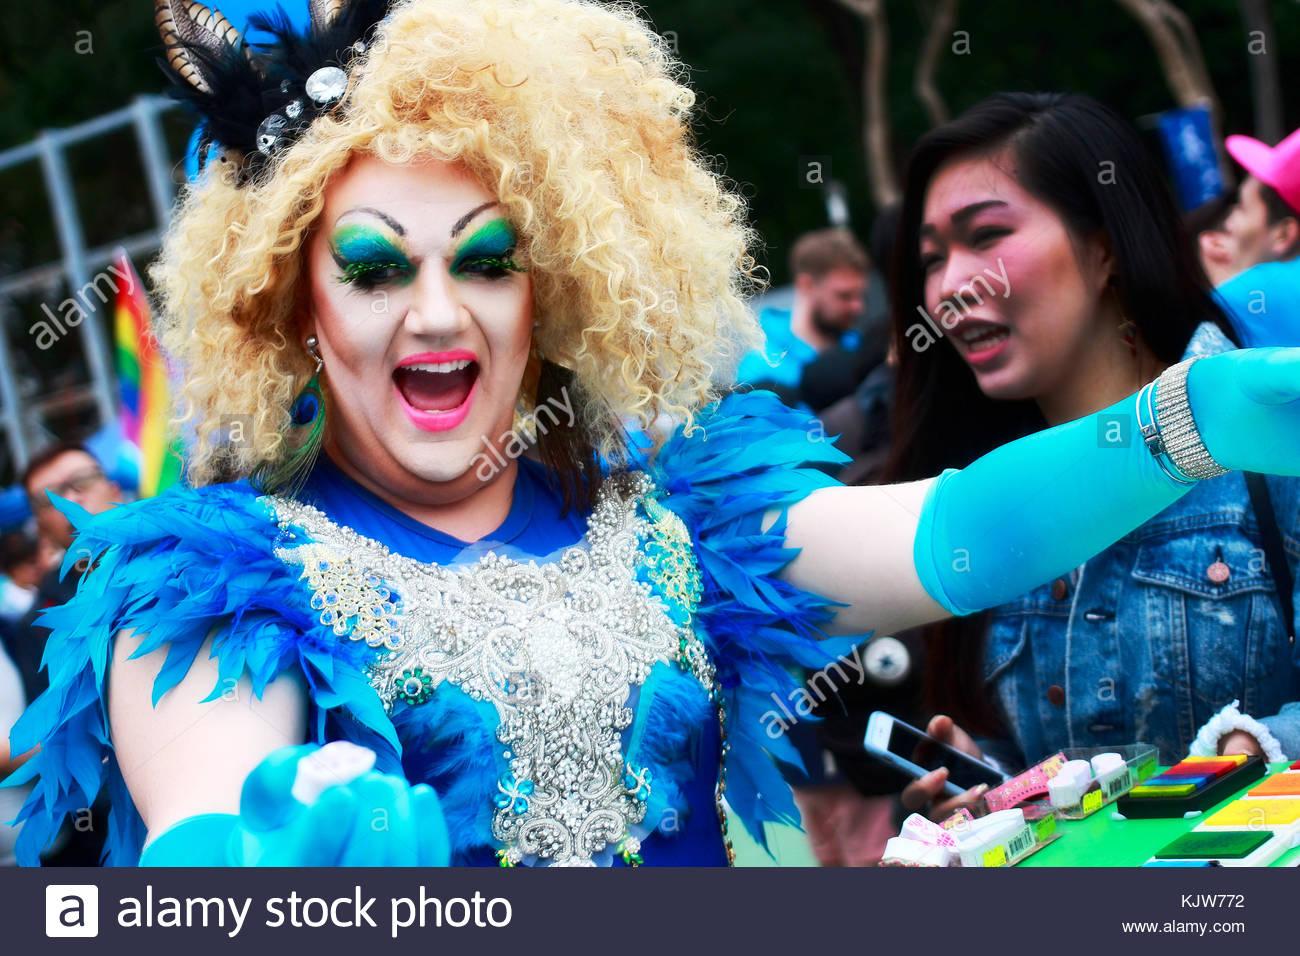 Hong Kong. November 25th, 2017. HONG KONG: A person dresses up during a Pride Parade in Hong Kong on November 25, - Stock Image